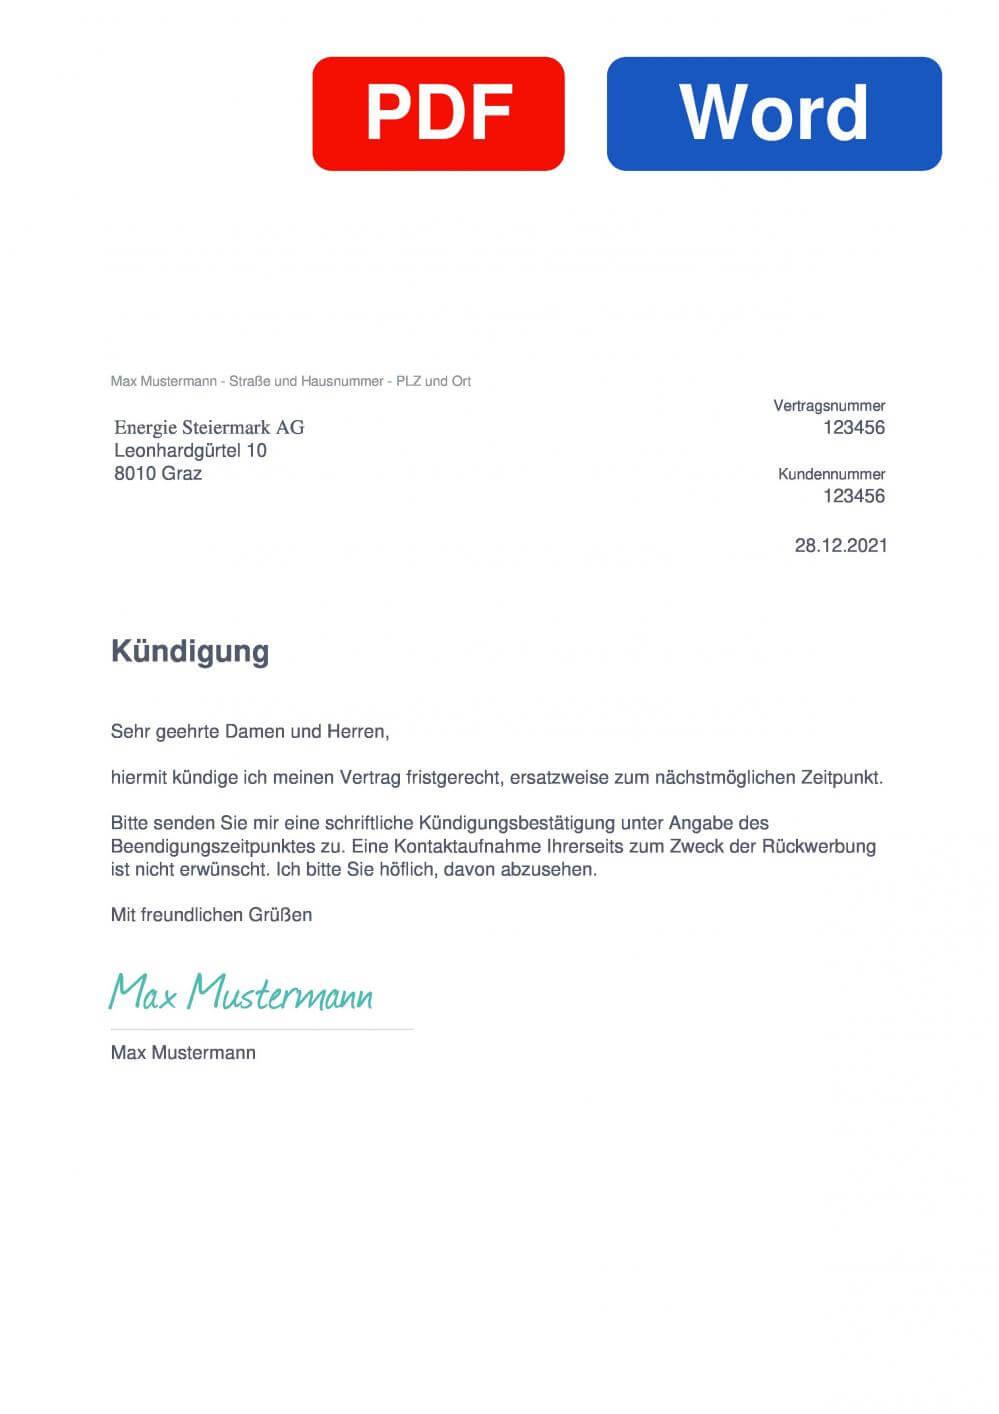 Energie Steiermark Muster Vorlage für Kündigungsschreiben